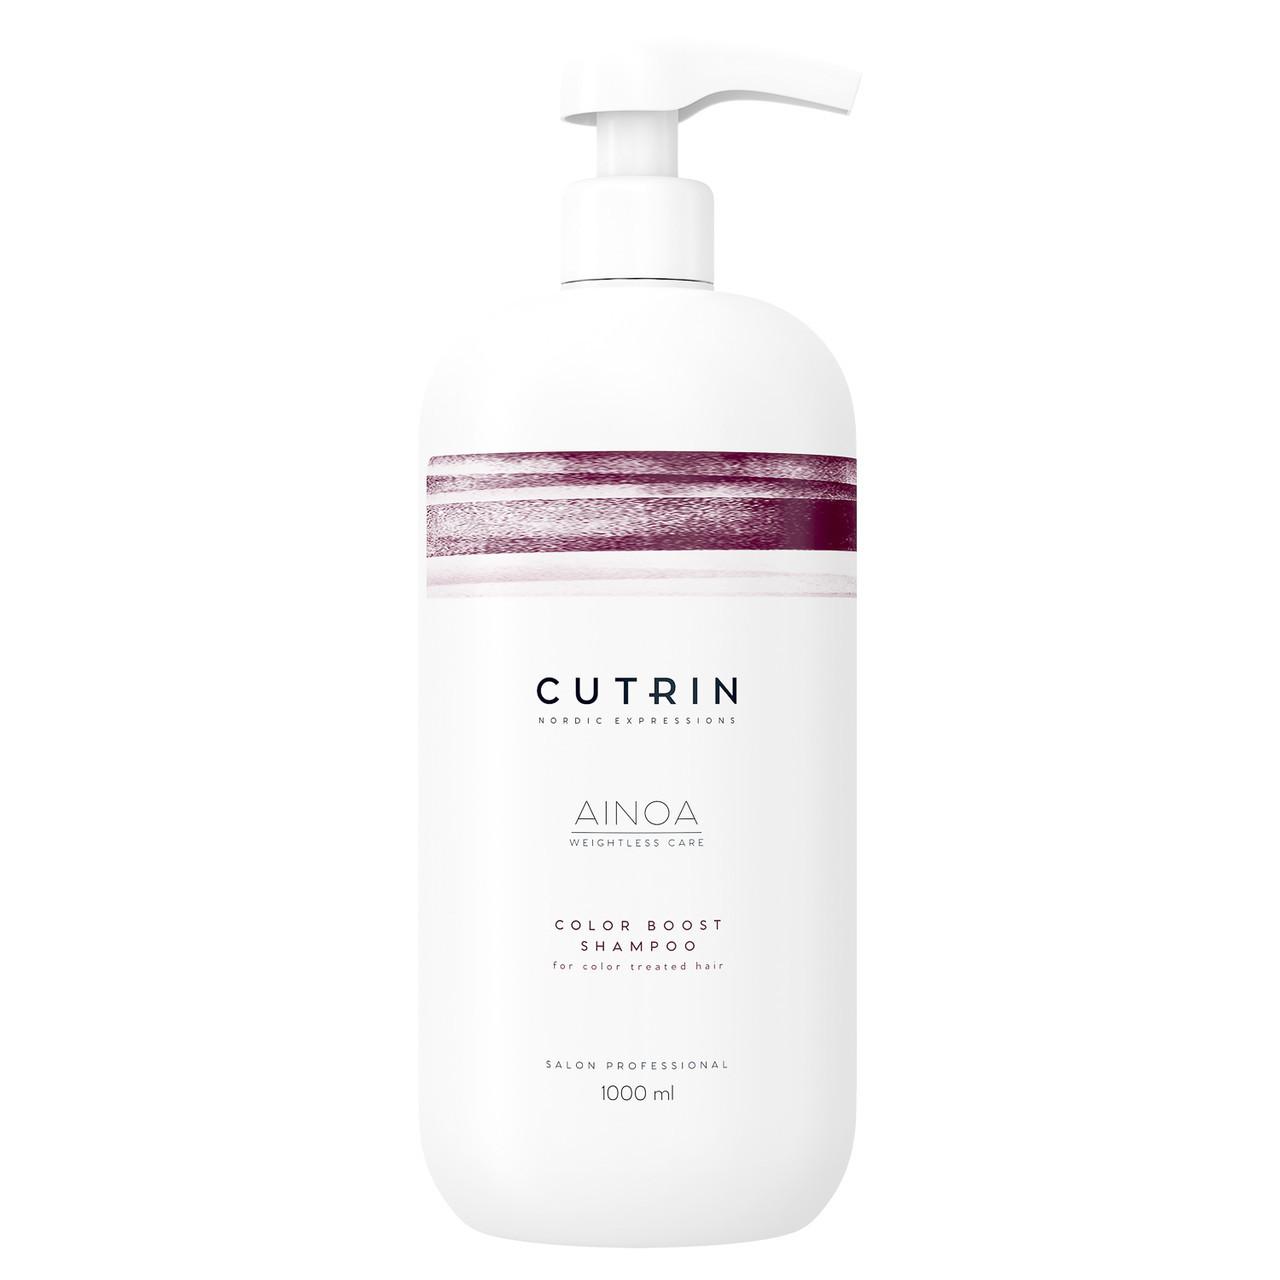 Cutrin color boost shampoo Шампунь для сохранения цвета окрашенным волосам, 1000 мл